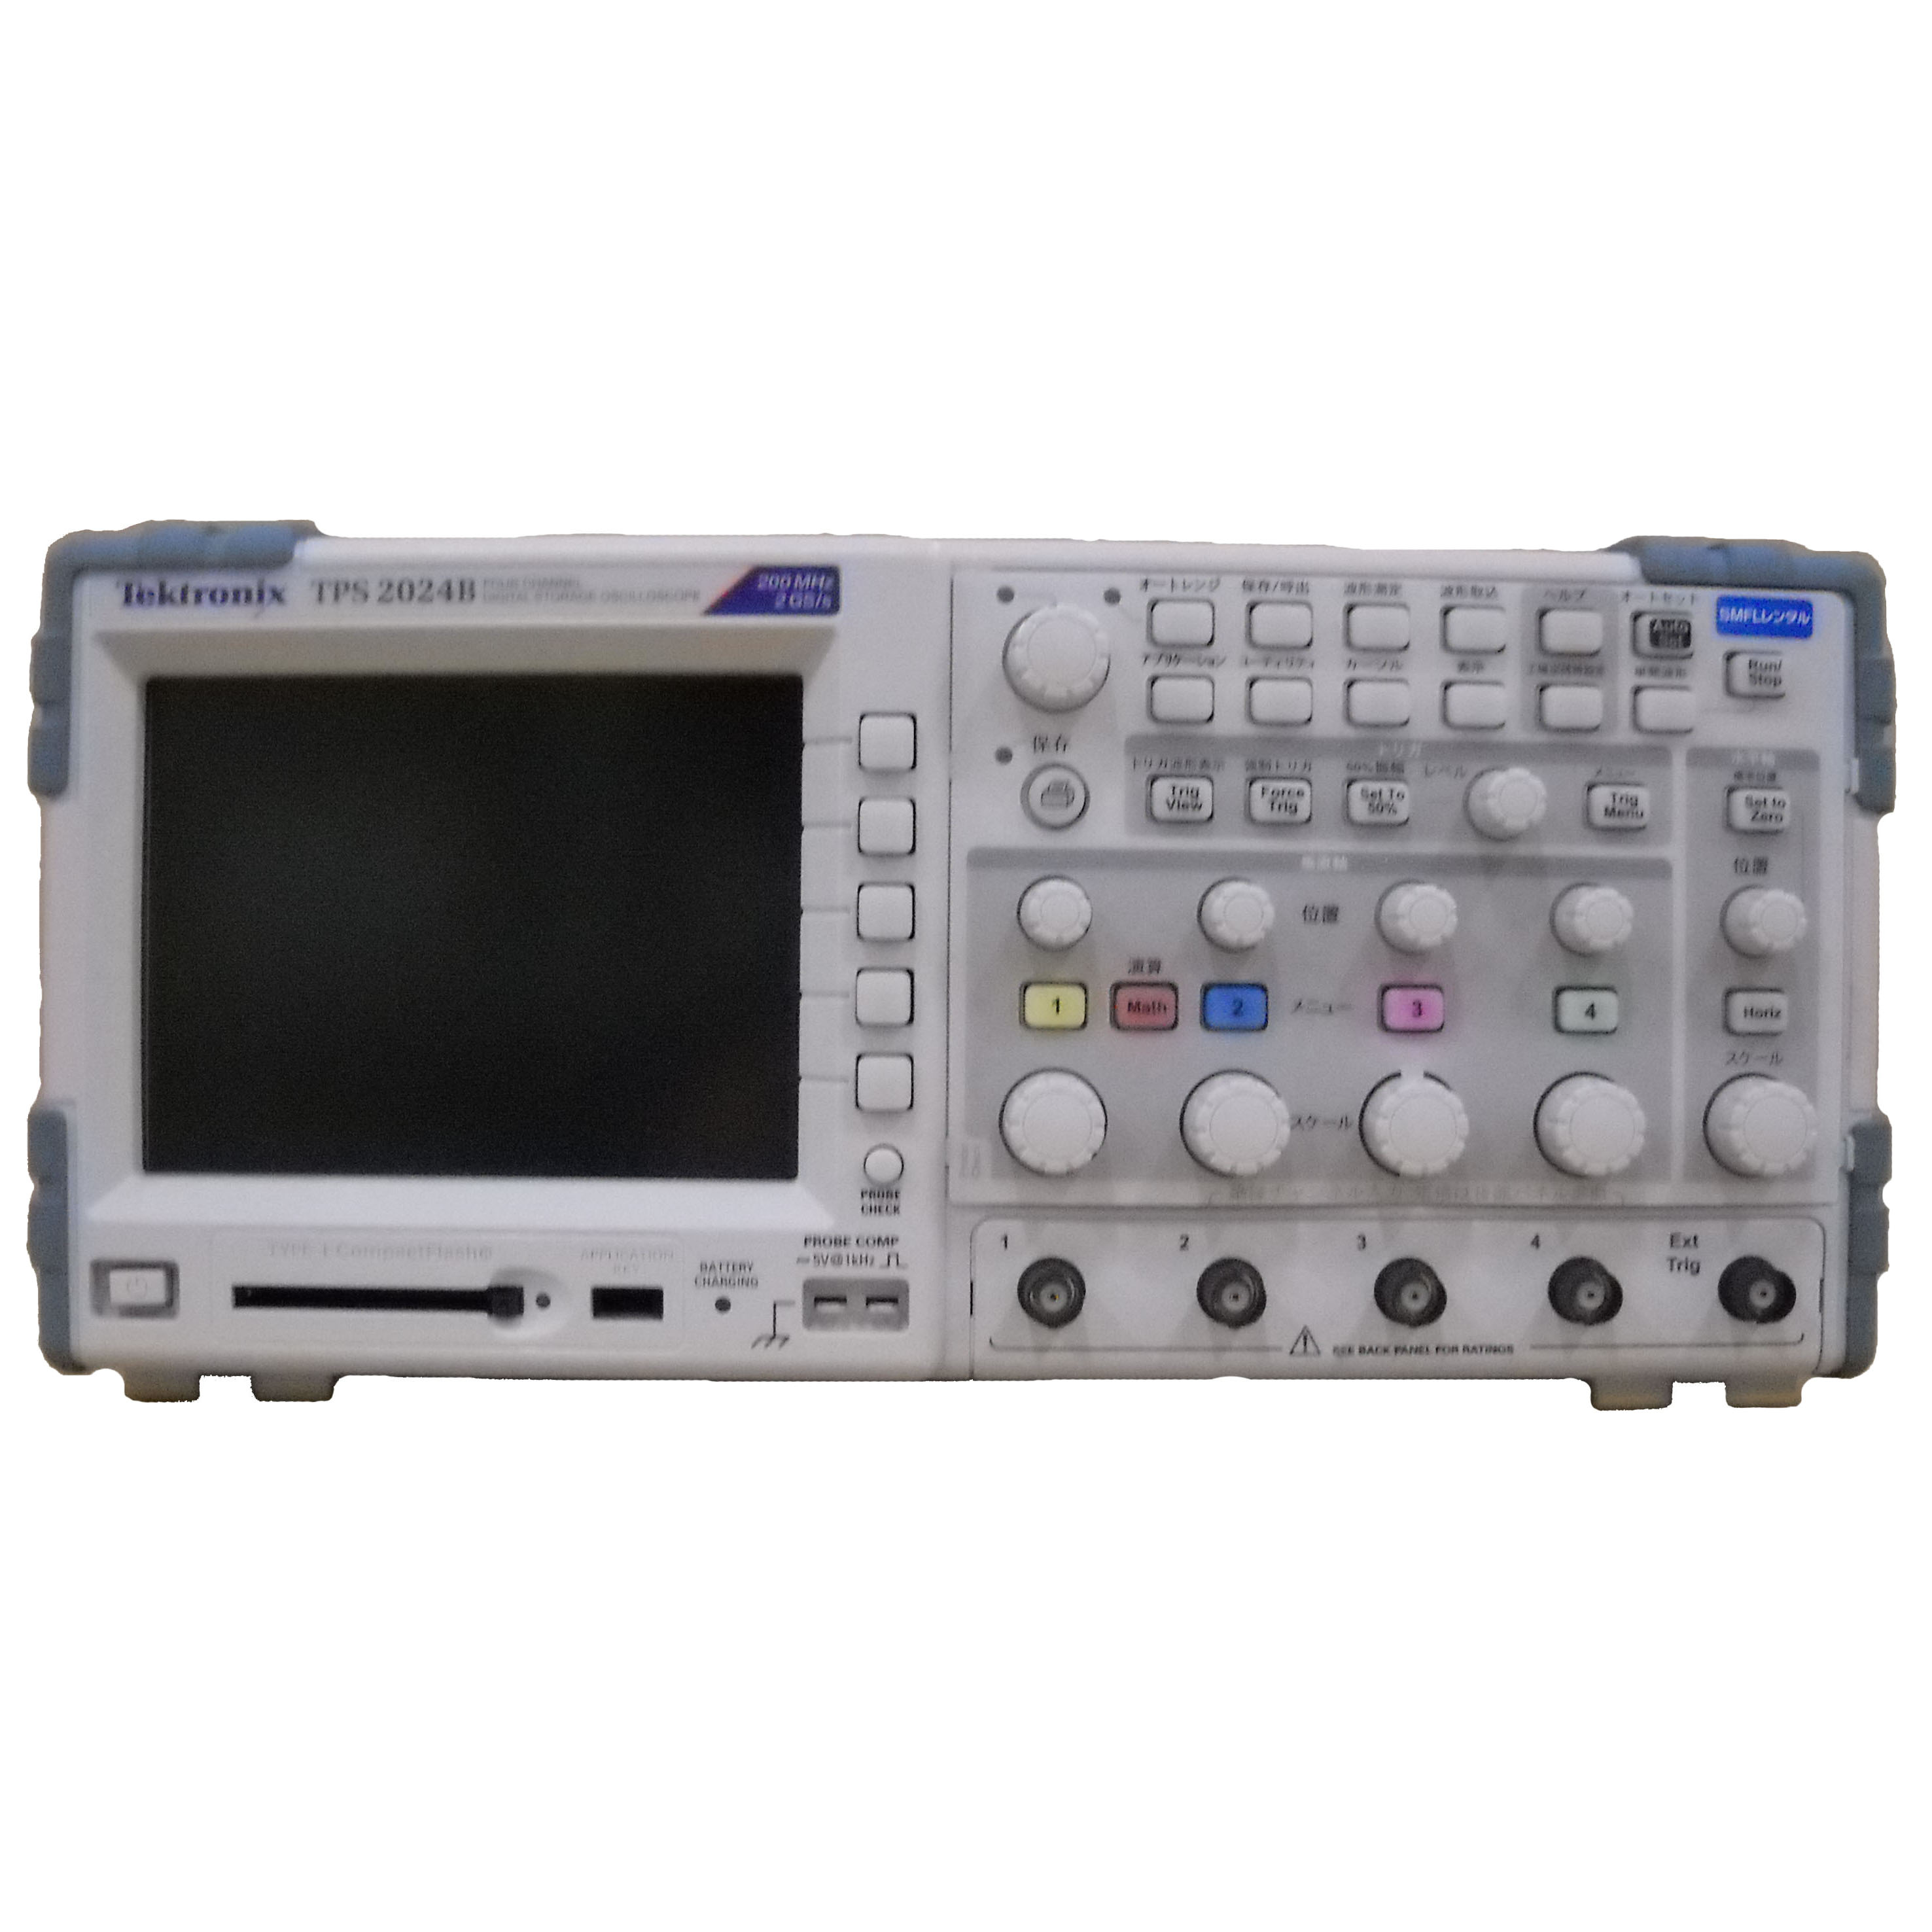 TPS2024B/TPS2PBND2,TPSBAT,TPSCHG デジタル・ストレージ・オシロスコープ